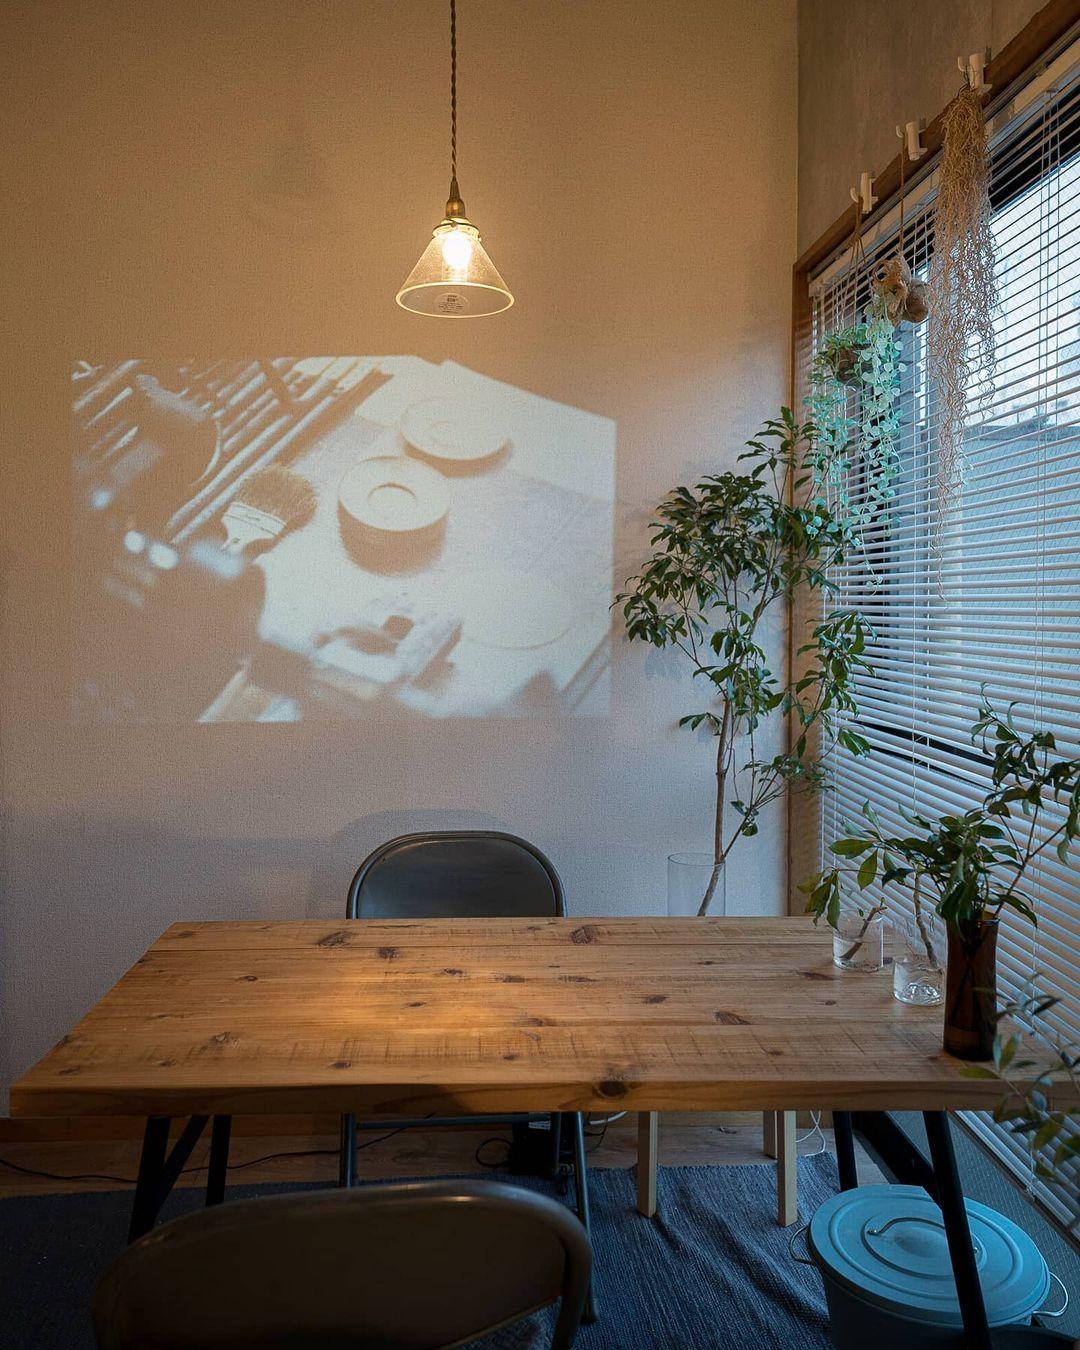 照明の使い方、植物の配置の仕方もうまく、カフェのように寛げる空間です。